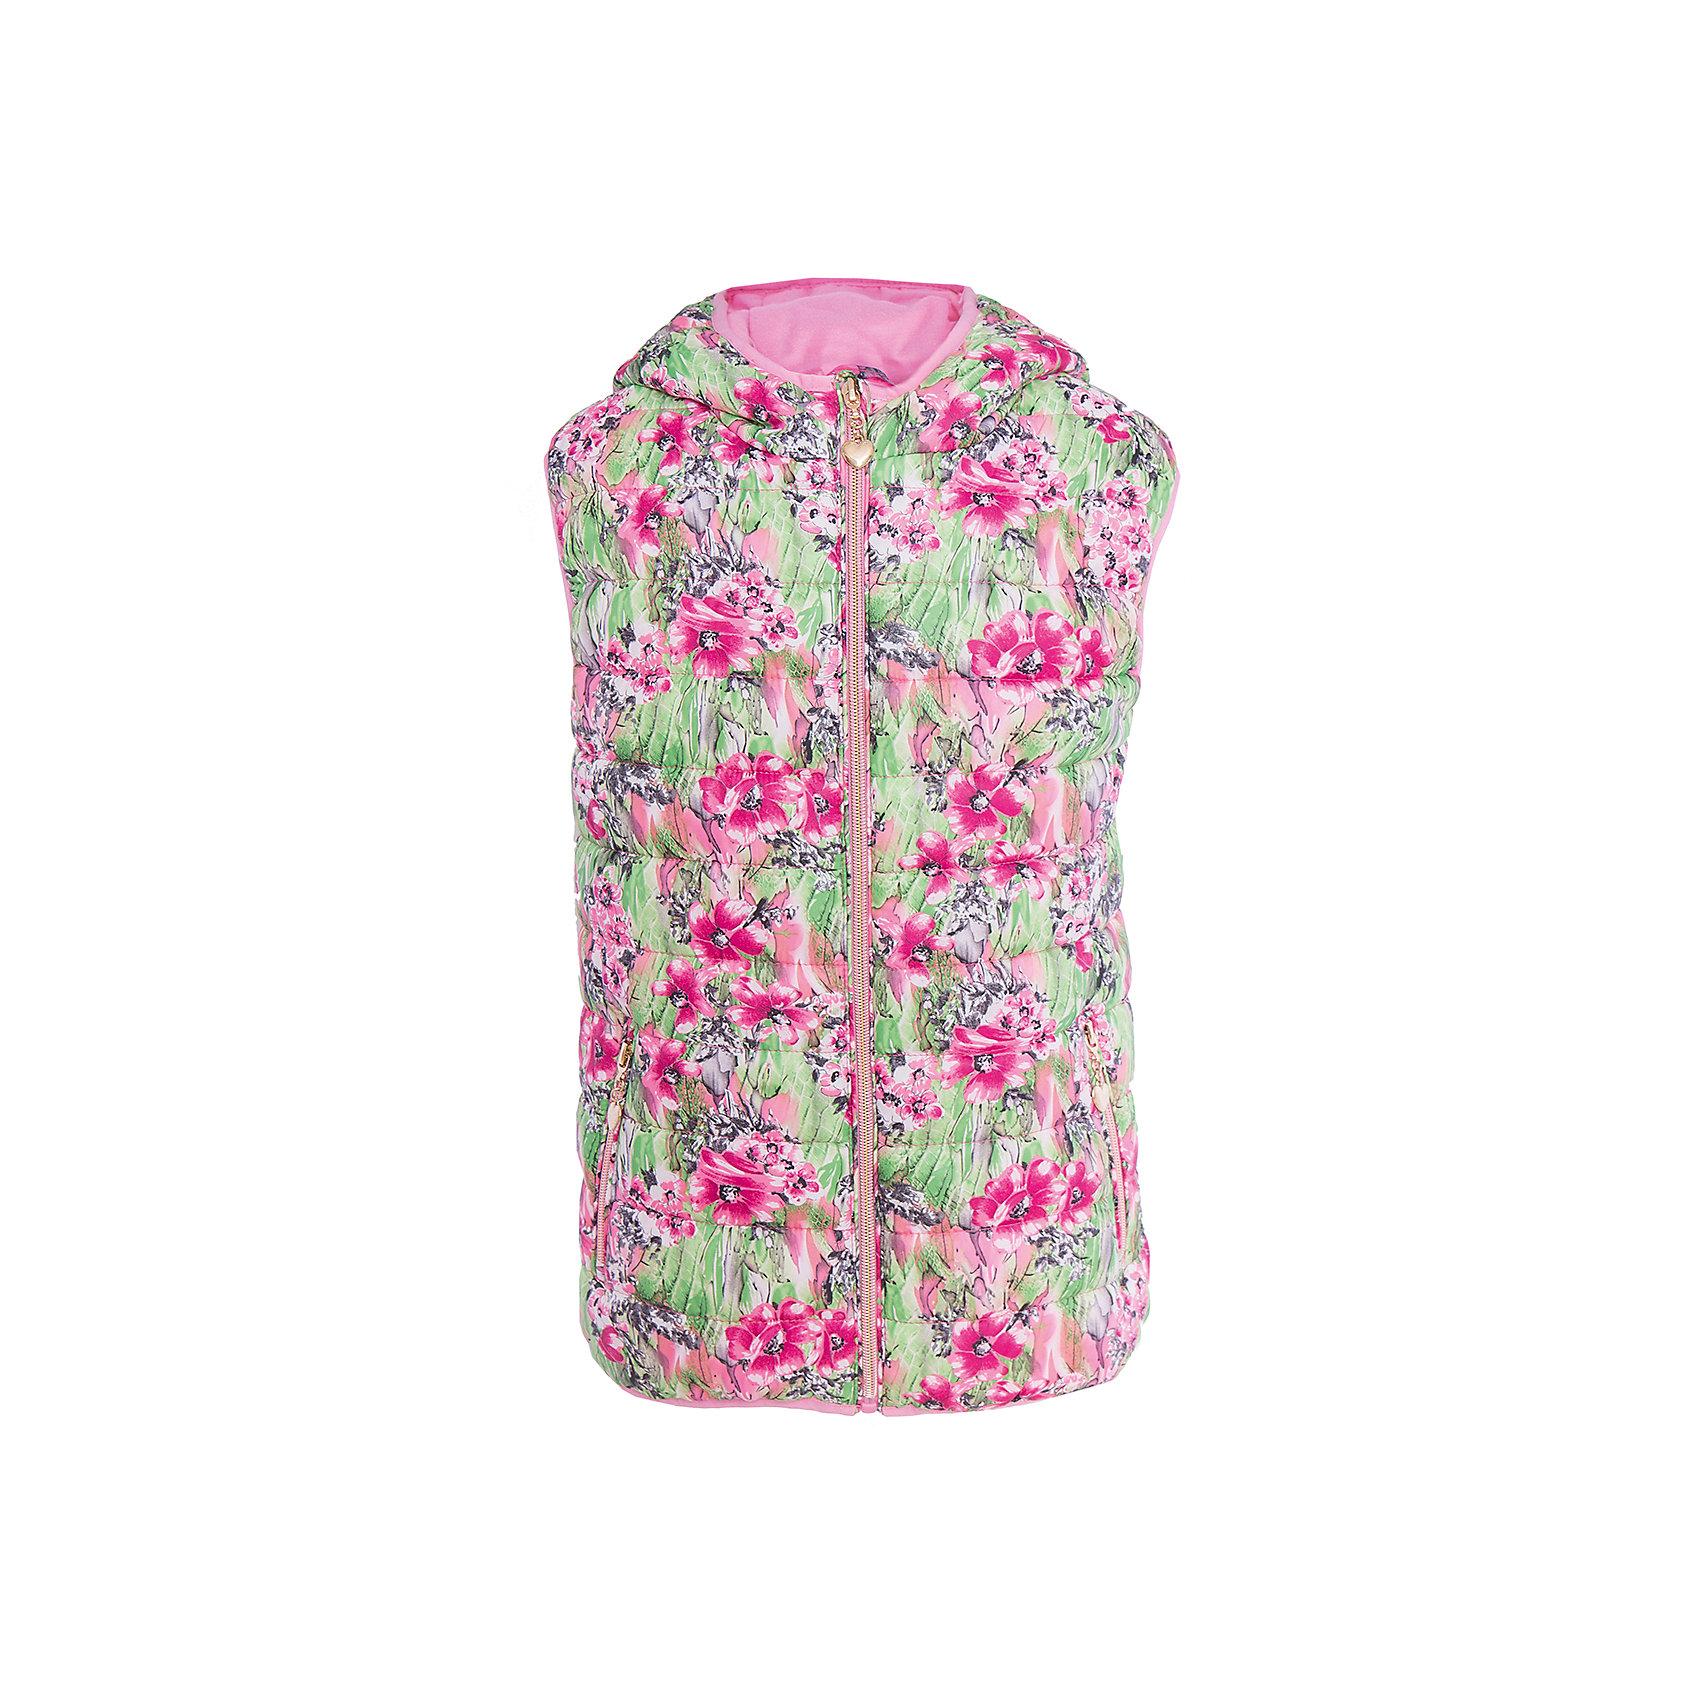 Жилет для девочки SELAВерхняя одежда<br>Характеристики товара:<br><br>• цвет: зеленый/розовый<br>• состав: 100% полиэстер<br>• температурный режим: от +20°до +10°С<br>• принт<br>• яркая подкладка<br>• капюшон (не отстёгивается)<br>• карманы<br>• молния<br>• коллекция весна-лето 2017<br>• страна бренда: Российская Федерация<br><br>Вещи из новой коллекции SELA продолжают радовать удобством! Стильный жилет для девочки поможет разнообразить гардероб ребенка и обеспечить комфорт. Он отлично сочетается с юбками и брюками. Отличается оригинальным принтом.<br><br>Одежда, обувь и аксессуары от российского бренда SELA не зря пользуются большой популярностью у детей и взрослых! Модели этой марки - стильные и удобные, цена при этом неизменно остается доступной. Для их производства используются только безопасные, качественные материалы и фурнитура. Новая коллекция поддерживает хорошие традиции бренда! <br><br>Джемпер для девочки от популярного бренда SELA (СЕЛА) можно купить в нашем интернет-магазине.<br><br>Ширина мм: 190<br>Глубина мм: 74<br>Высота мм: 229<br>Вес г: 236<br>Цвет: белый<br>Возраст от месяцев: 132<br>Возраст до месяцев: 144<br>Пол: Женский<br>Возраст: Детский<br>Размер: 152,128,140,116<br>SKU: 5304817